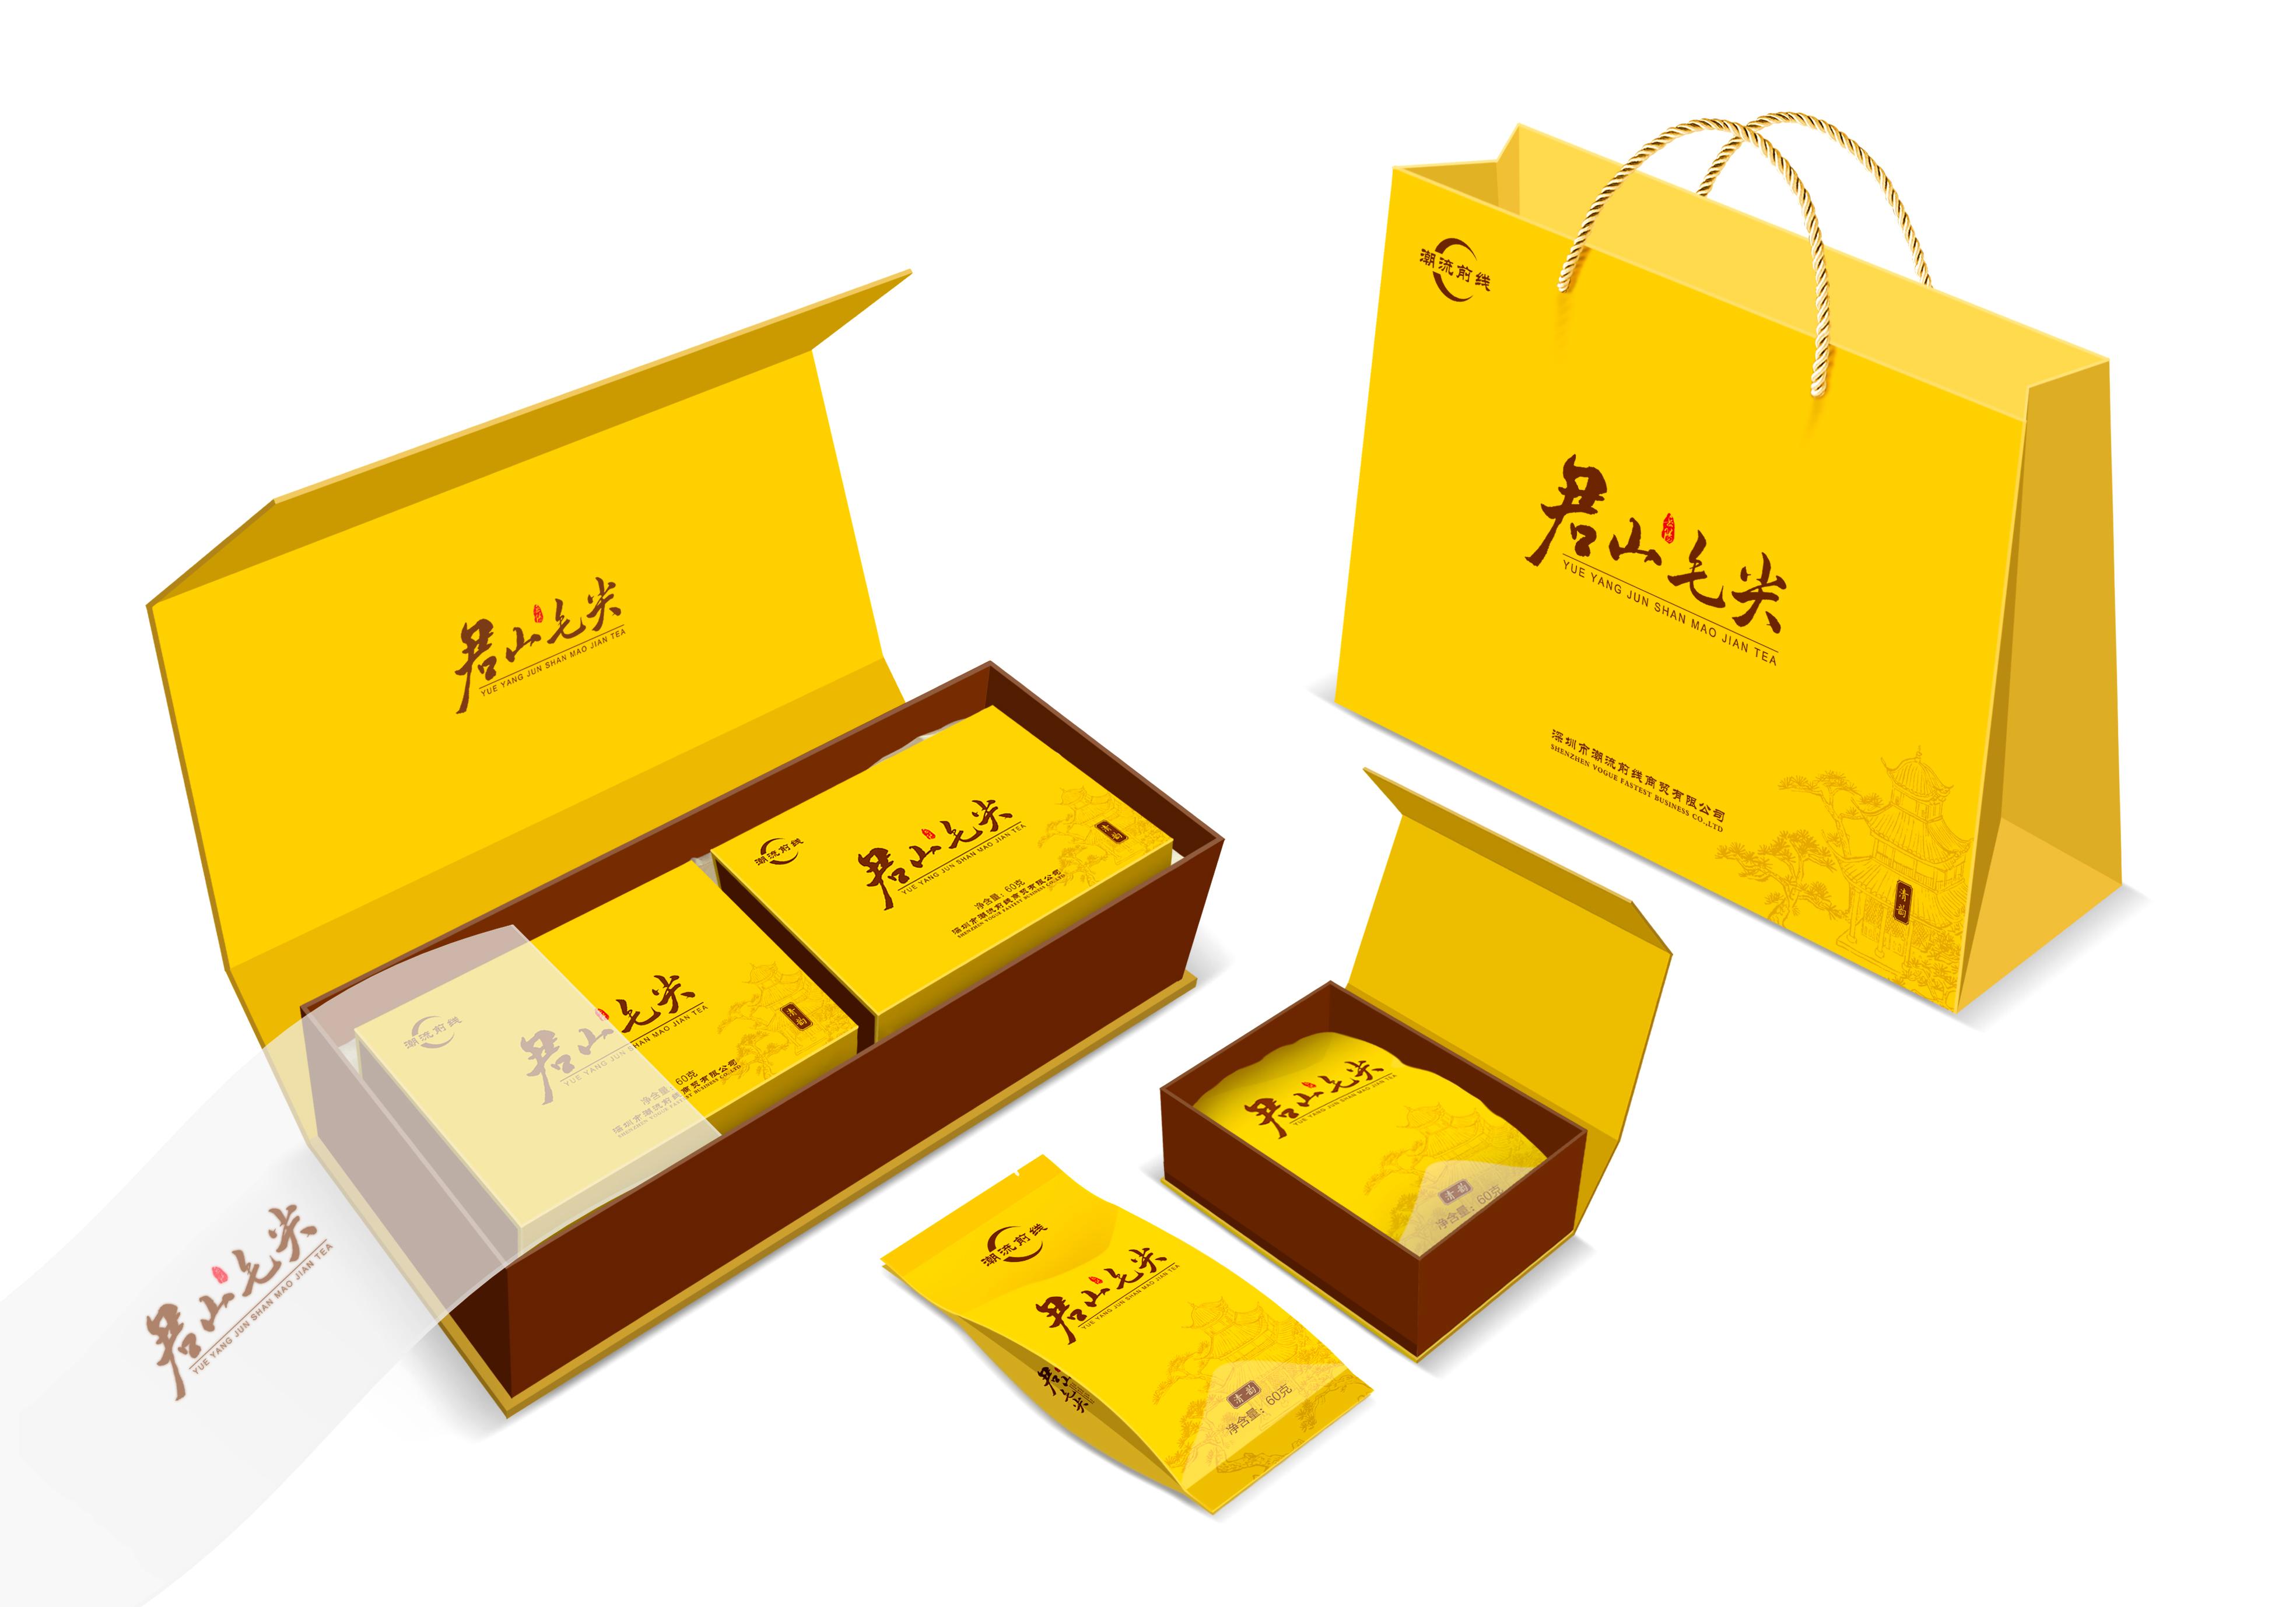 茶叶包装设计之印刷工艺解析